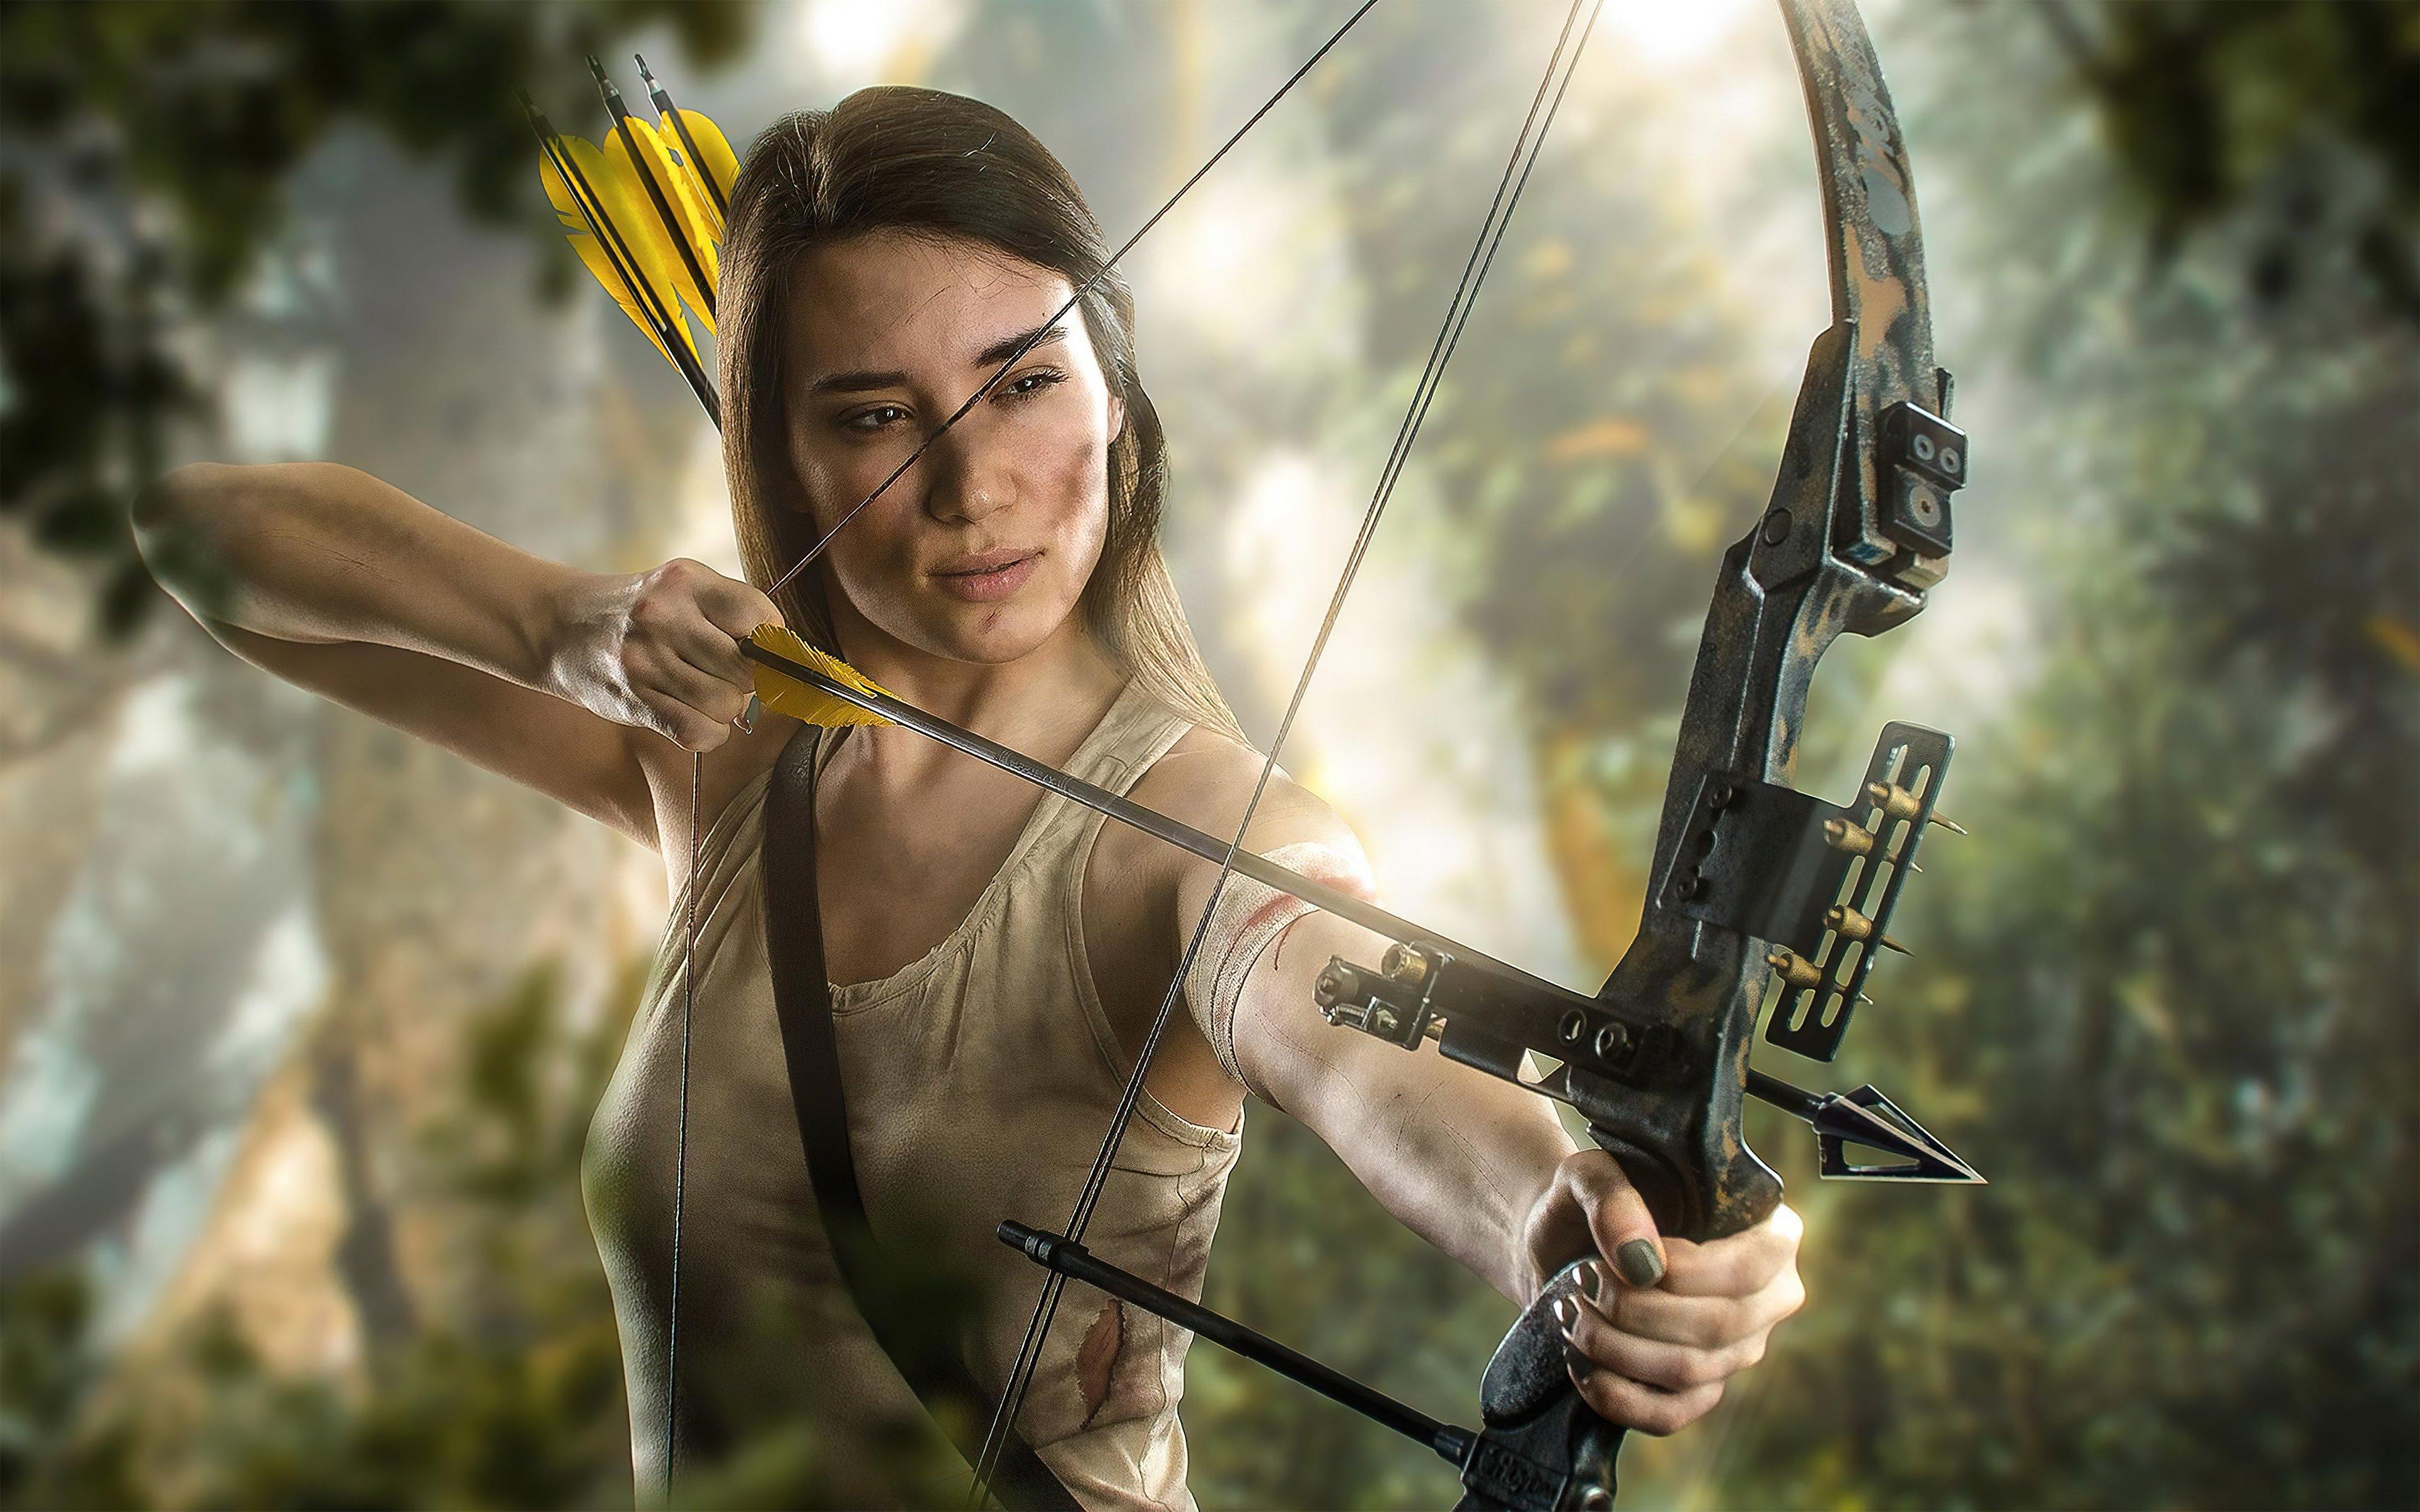 Fondos de pantalla Lara Croft con arco y flecha